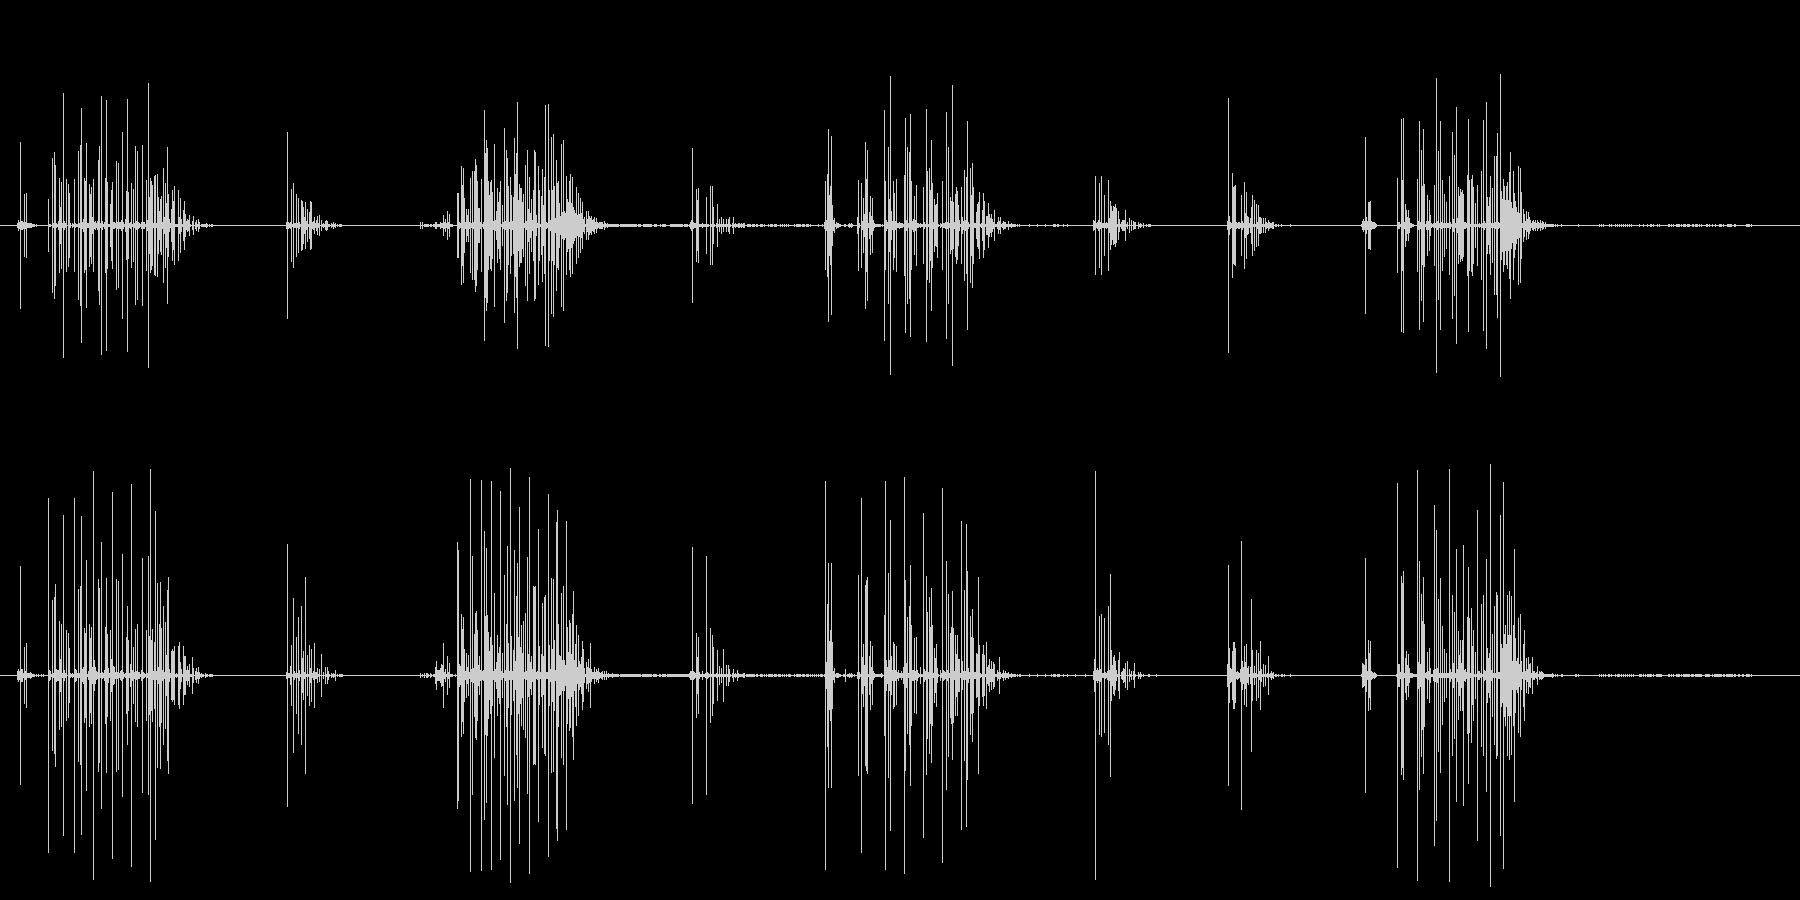 ノイズ 単純なクラックルシーケンス02の未再生の波形